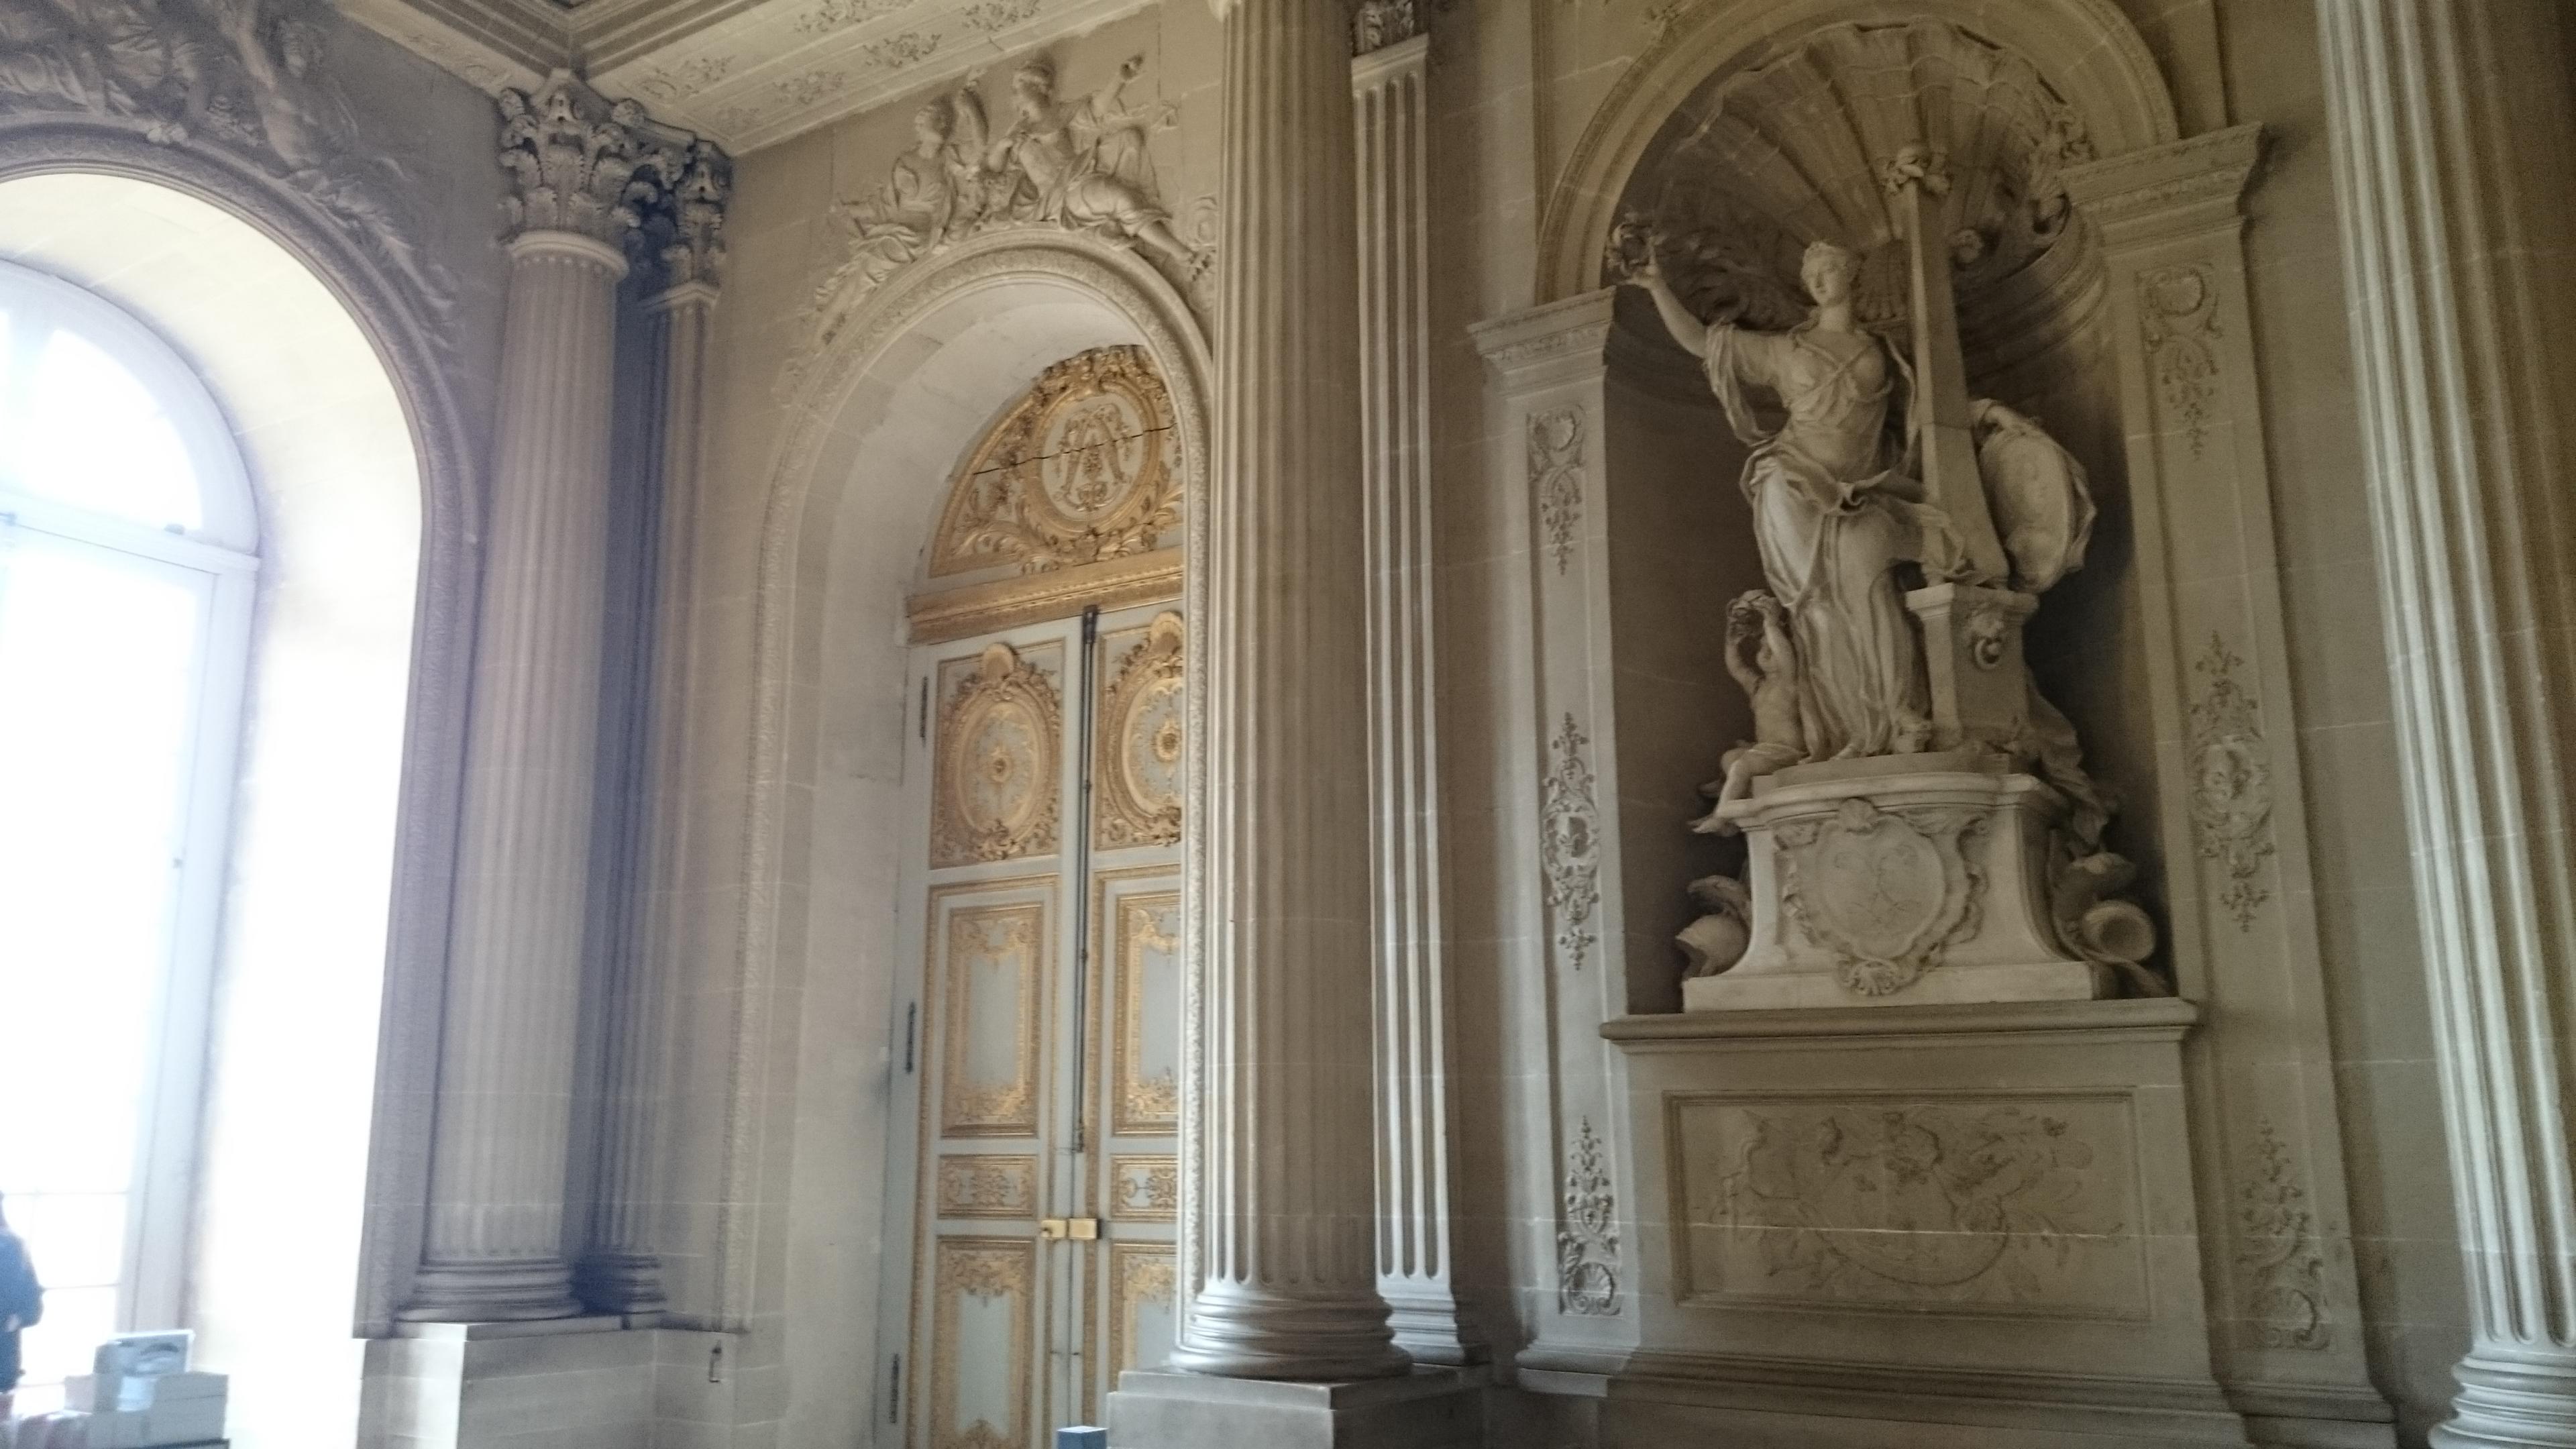 dsc 13271 - Visita al Palacio de Versalles: Como ir, cuanto cuesta y tips III/III